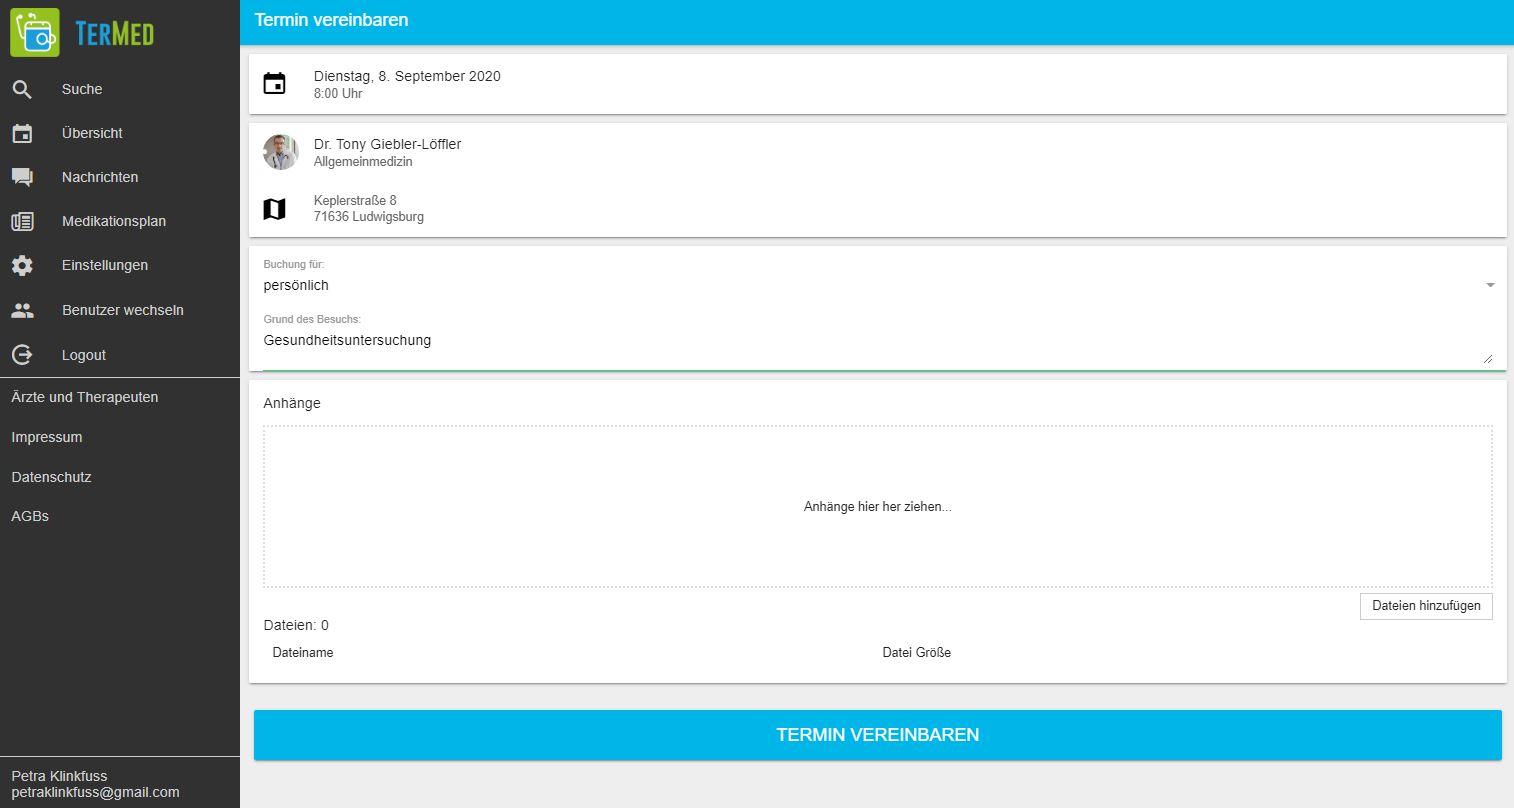 Schritt 2: Für die verbindliche Terminbuchung registriert sich der Patient bei TerMed